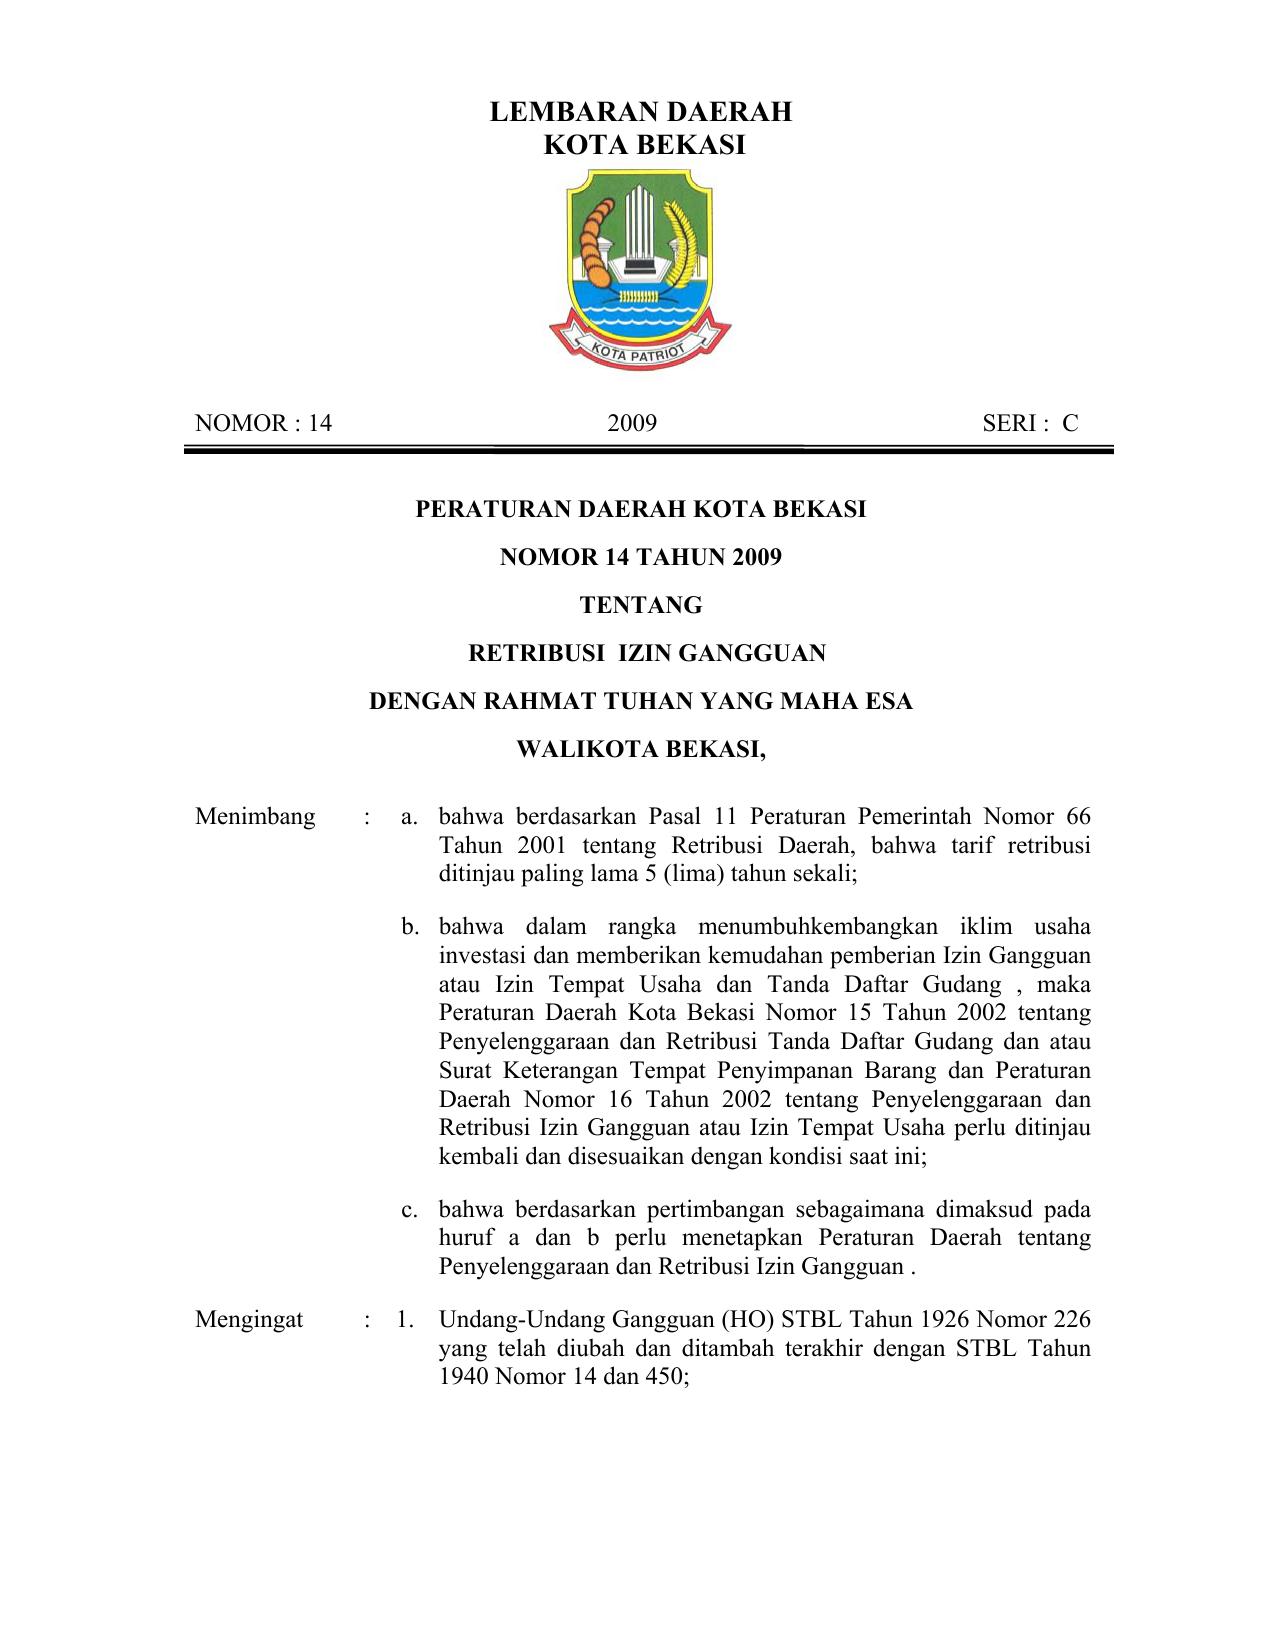 Peraturan Daerah Kota Bekasi